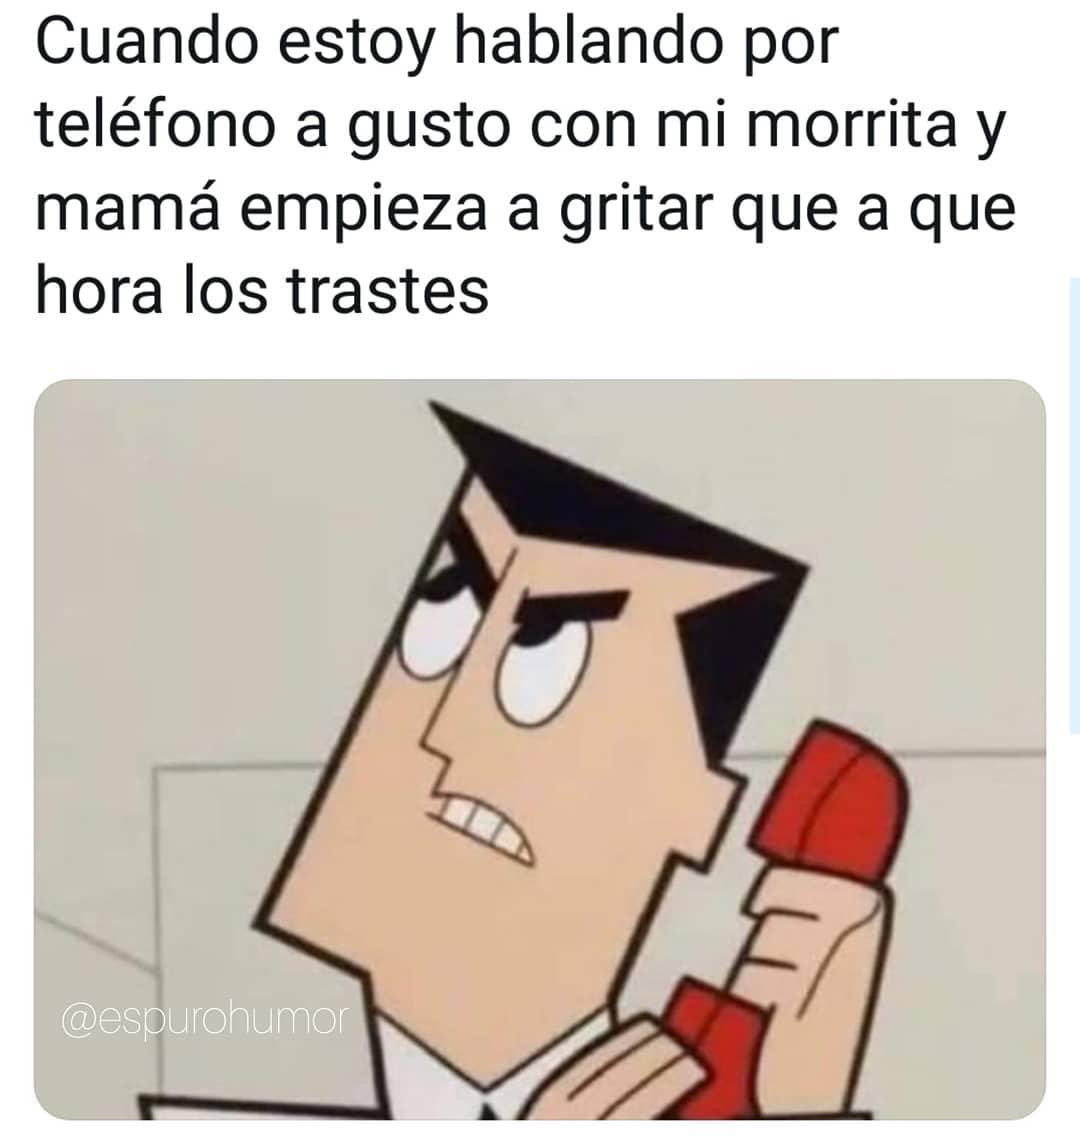 Cuando estoy hablando por teléfono a gusto con mi morrita y mamá empieza a gritar que a que hora los trastes.